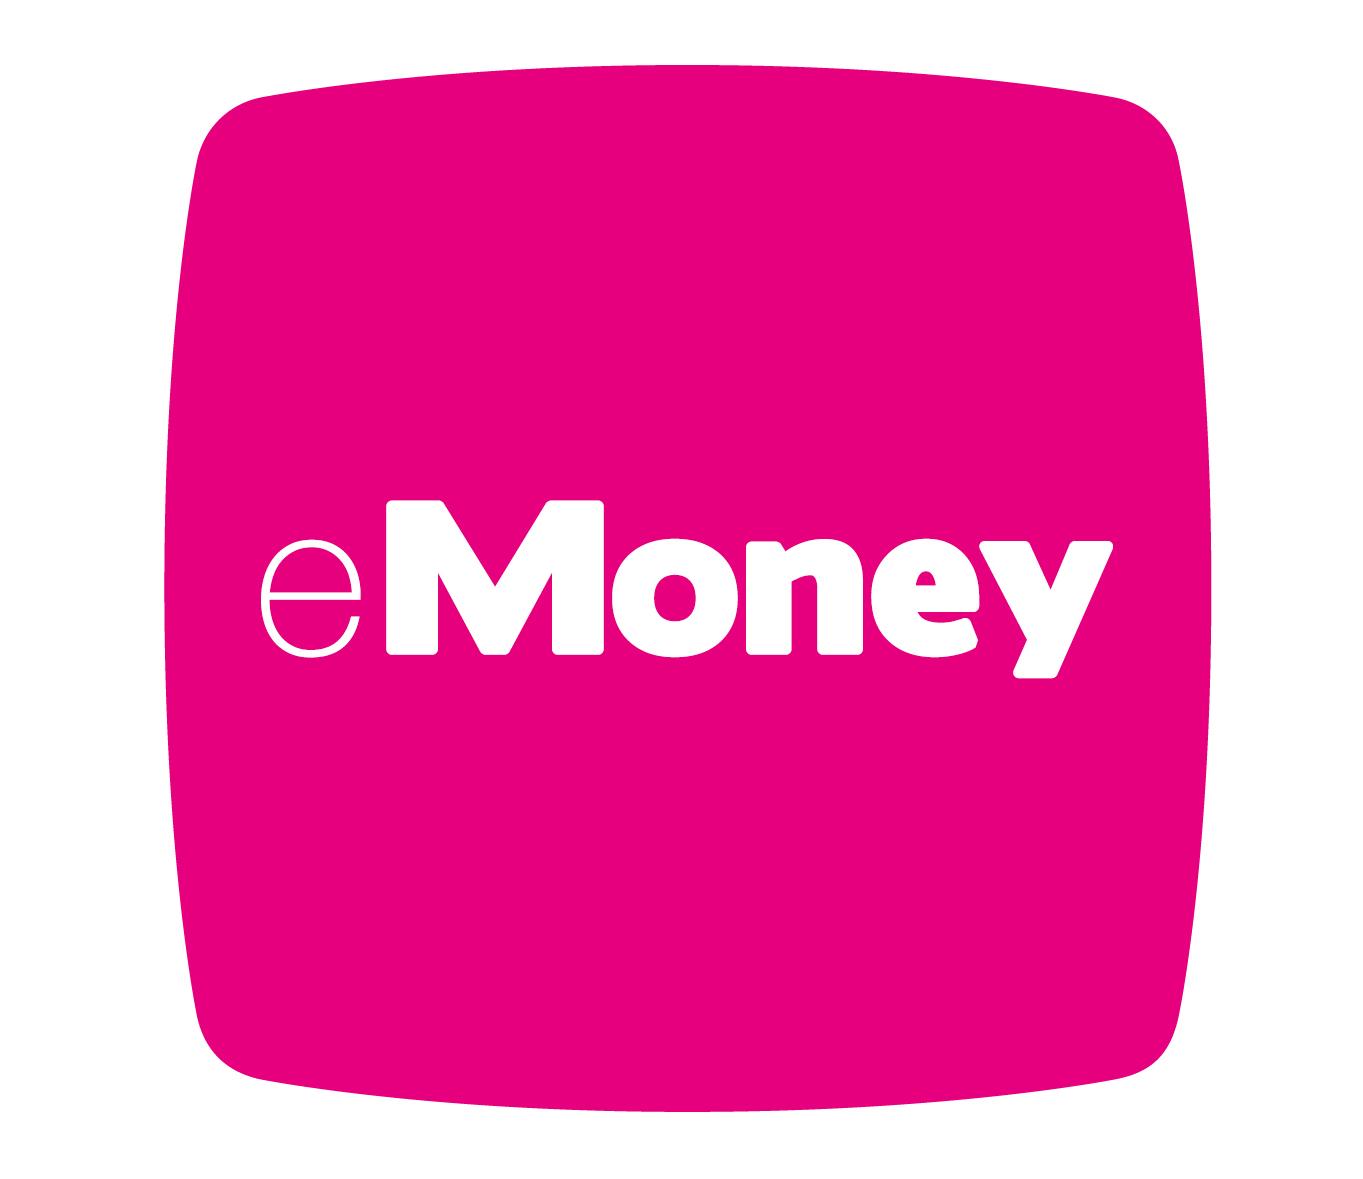 Logo emoney1